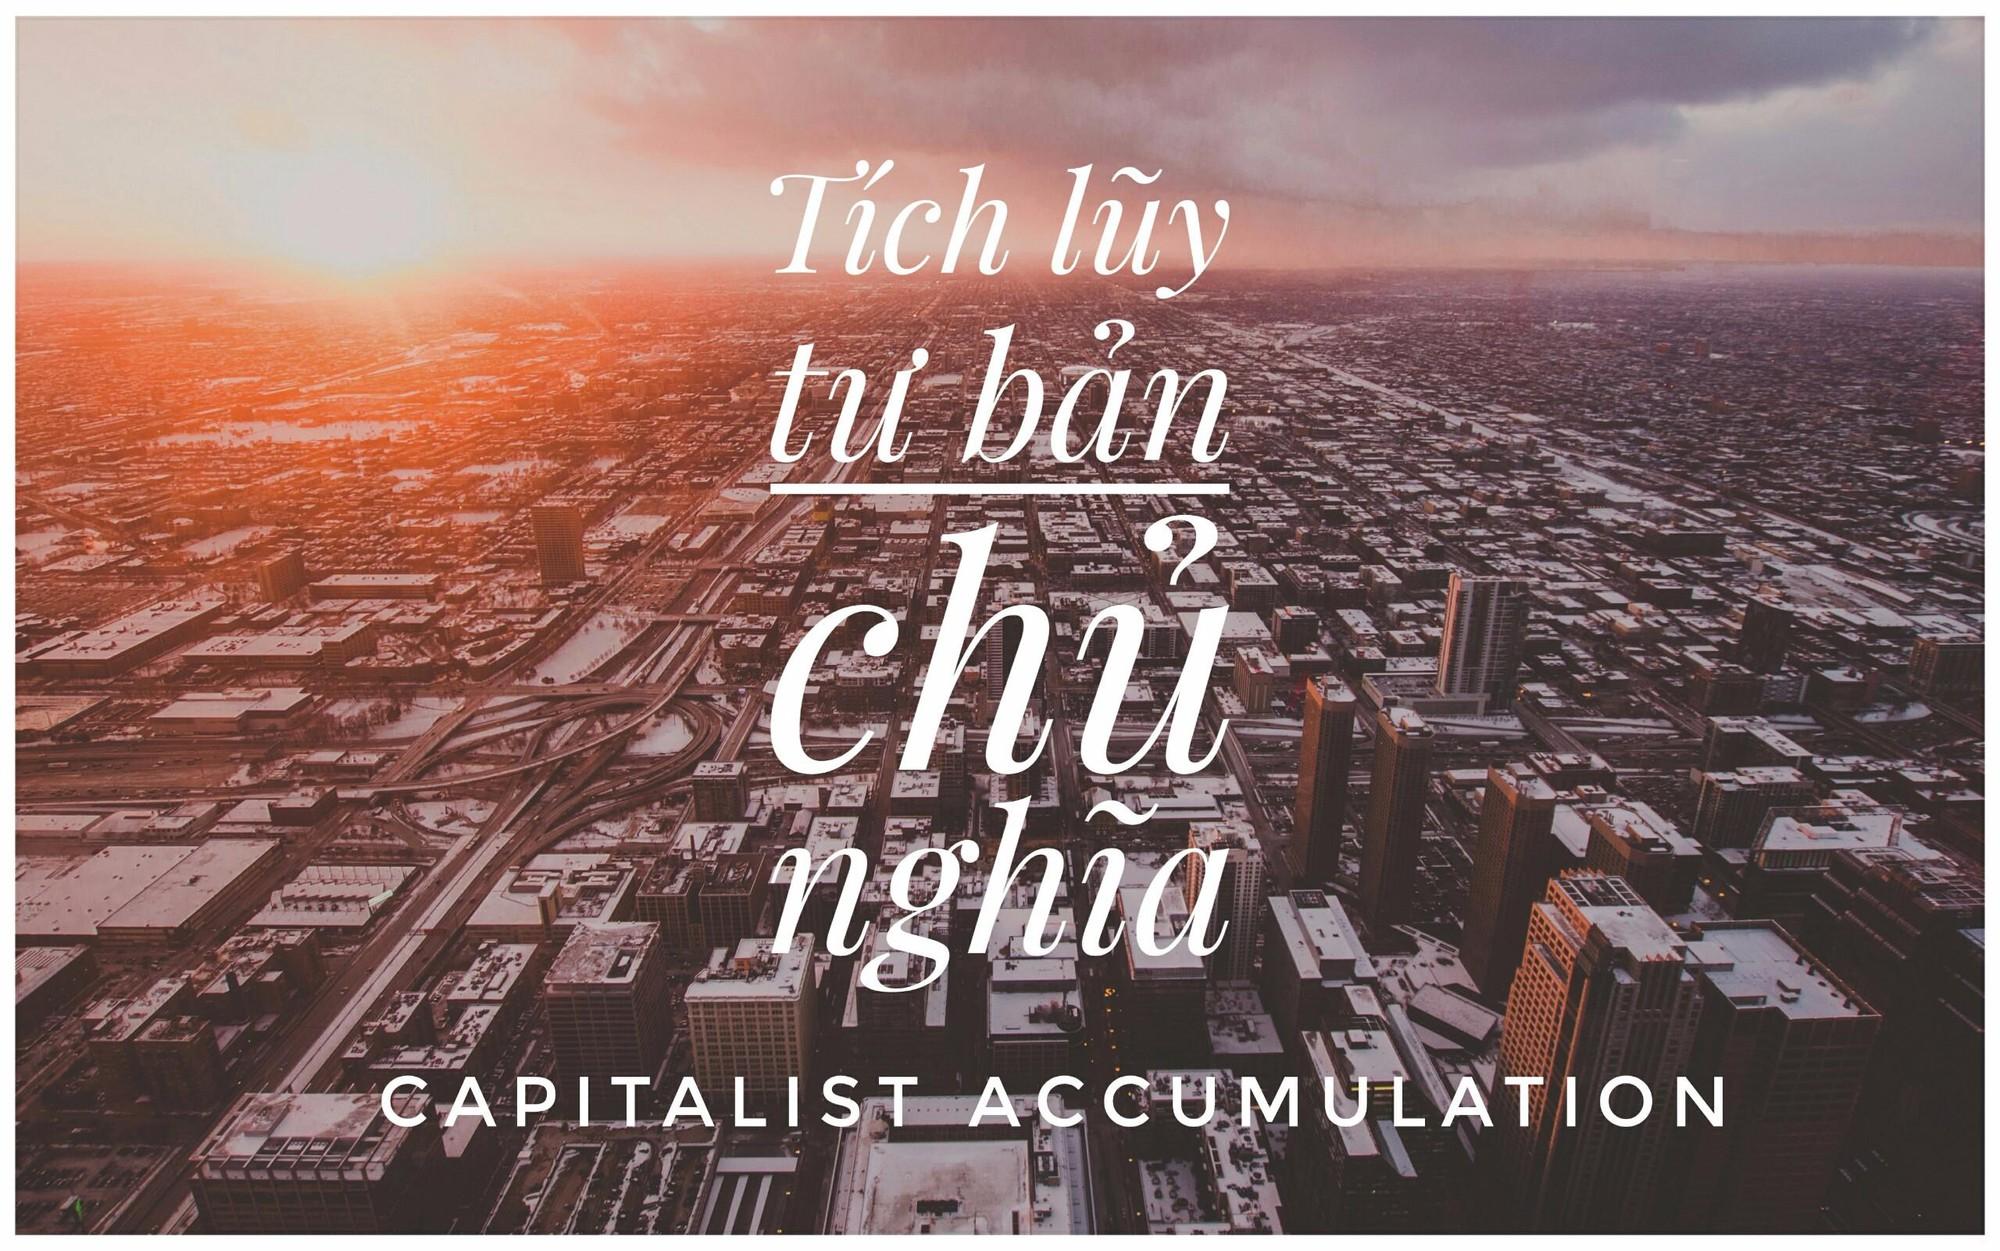 Tích luỹ tư bản chủ nghĩa (Capitalist Accumulation) là gì? - Ảnh 1.